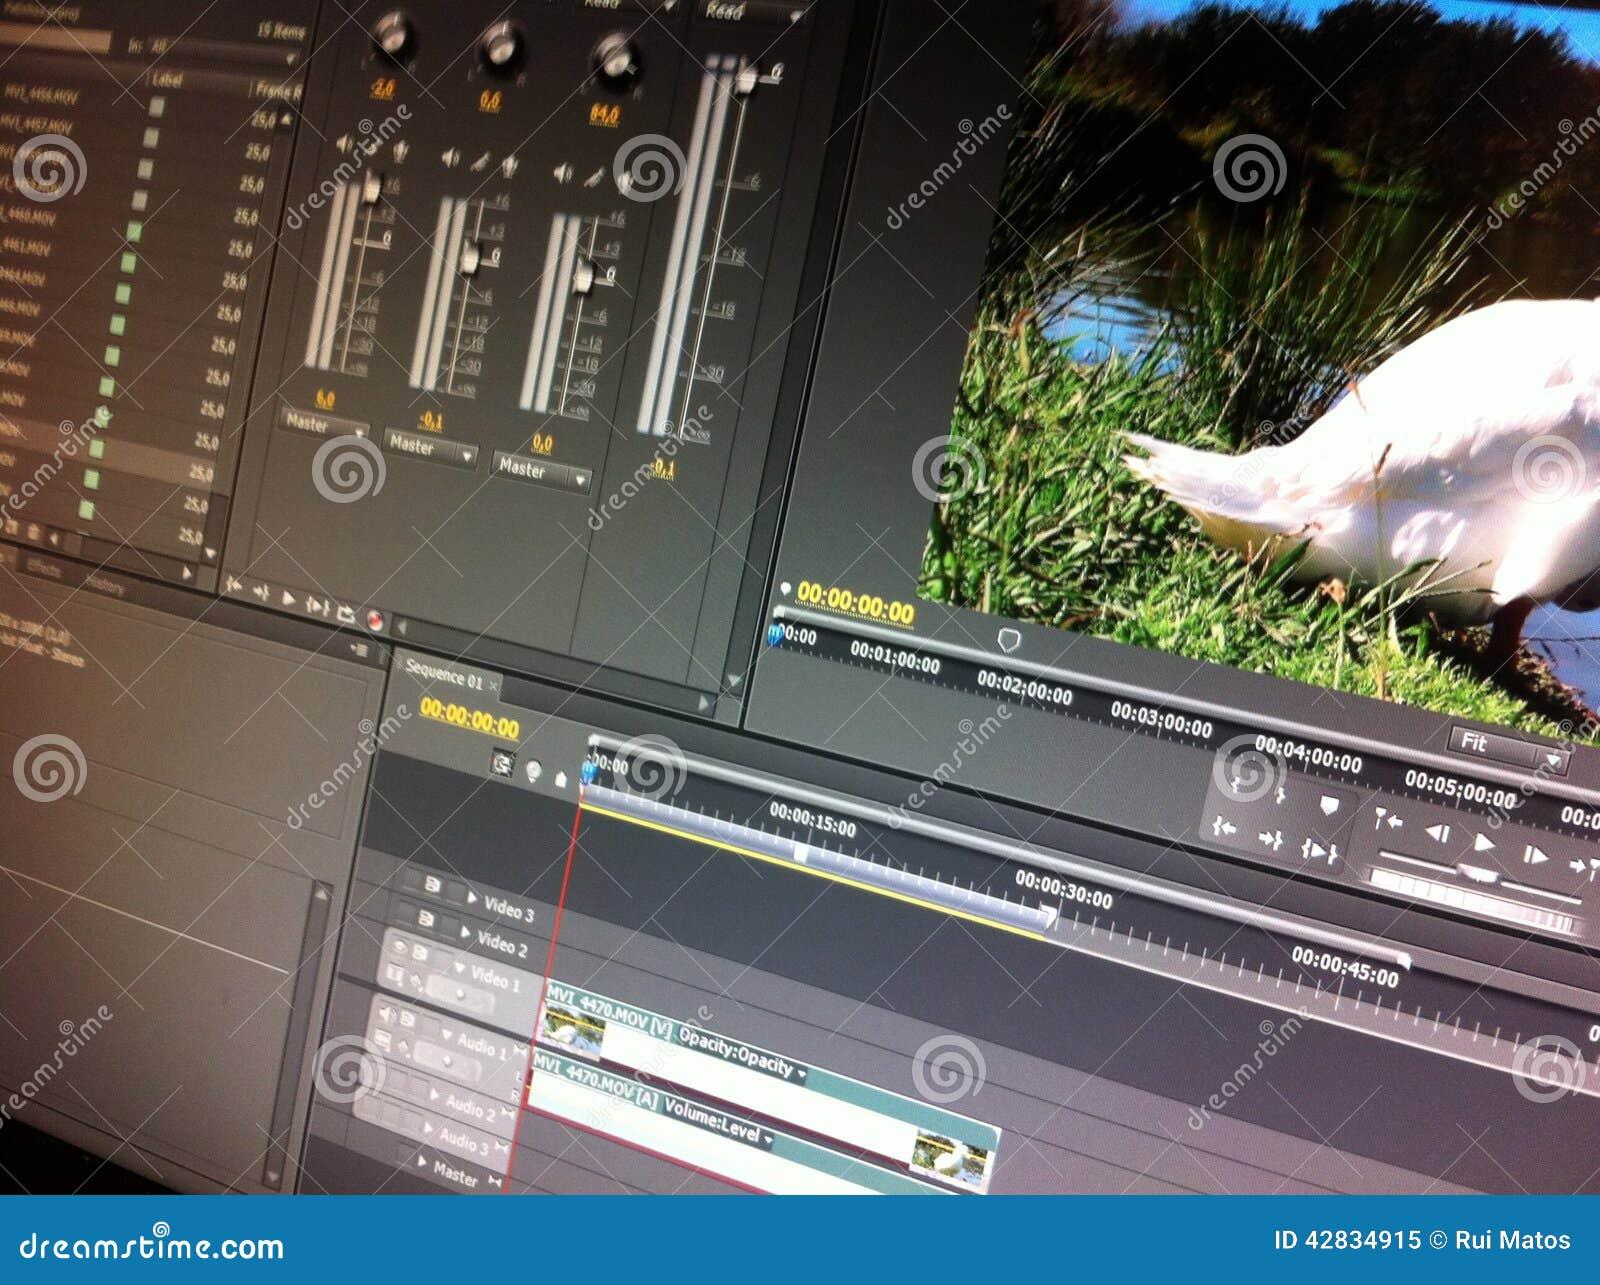 Software video da edição